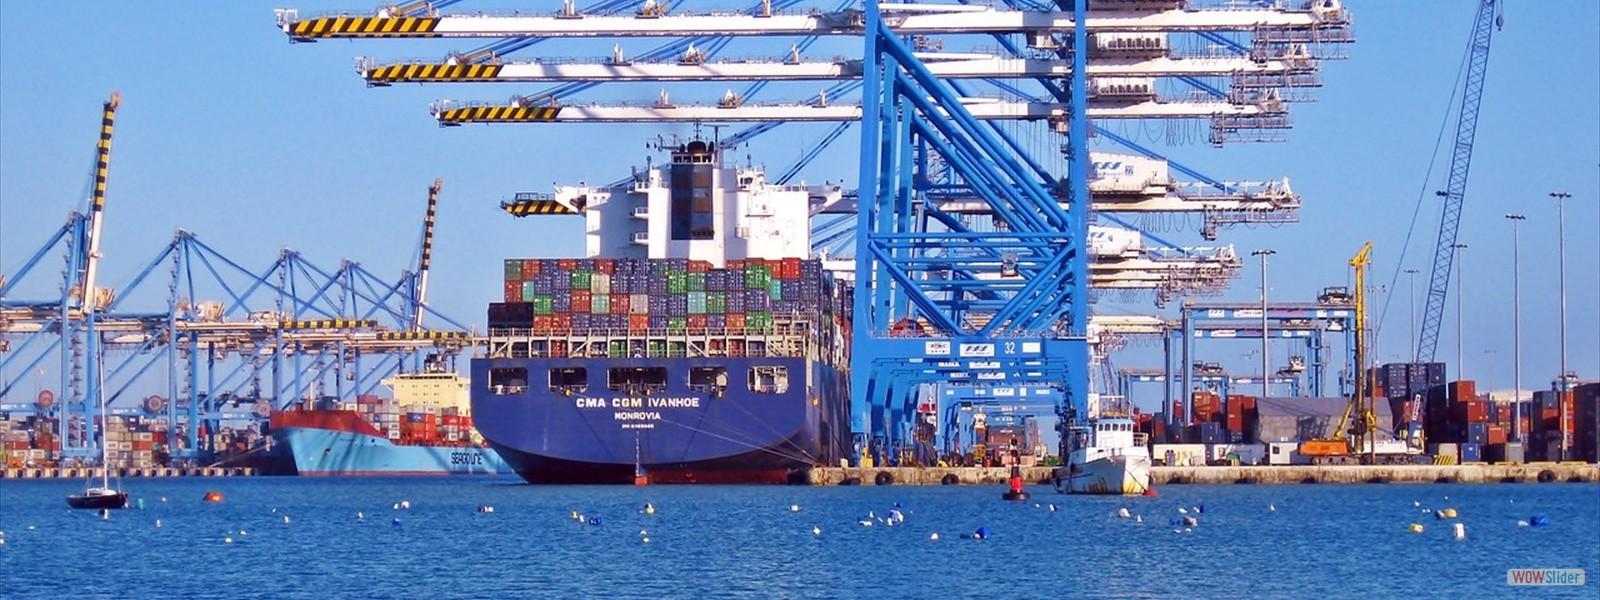 dock1277744_1280